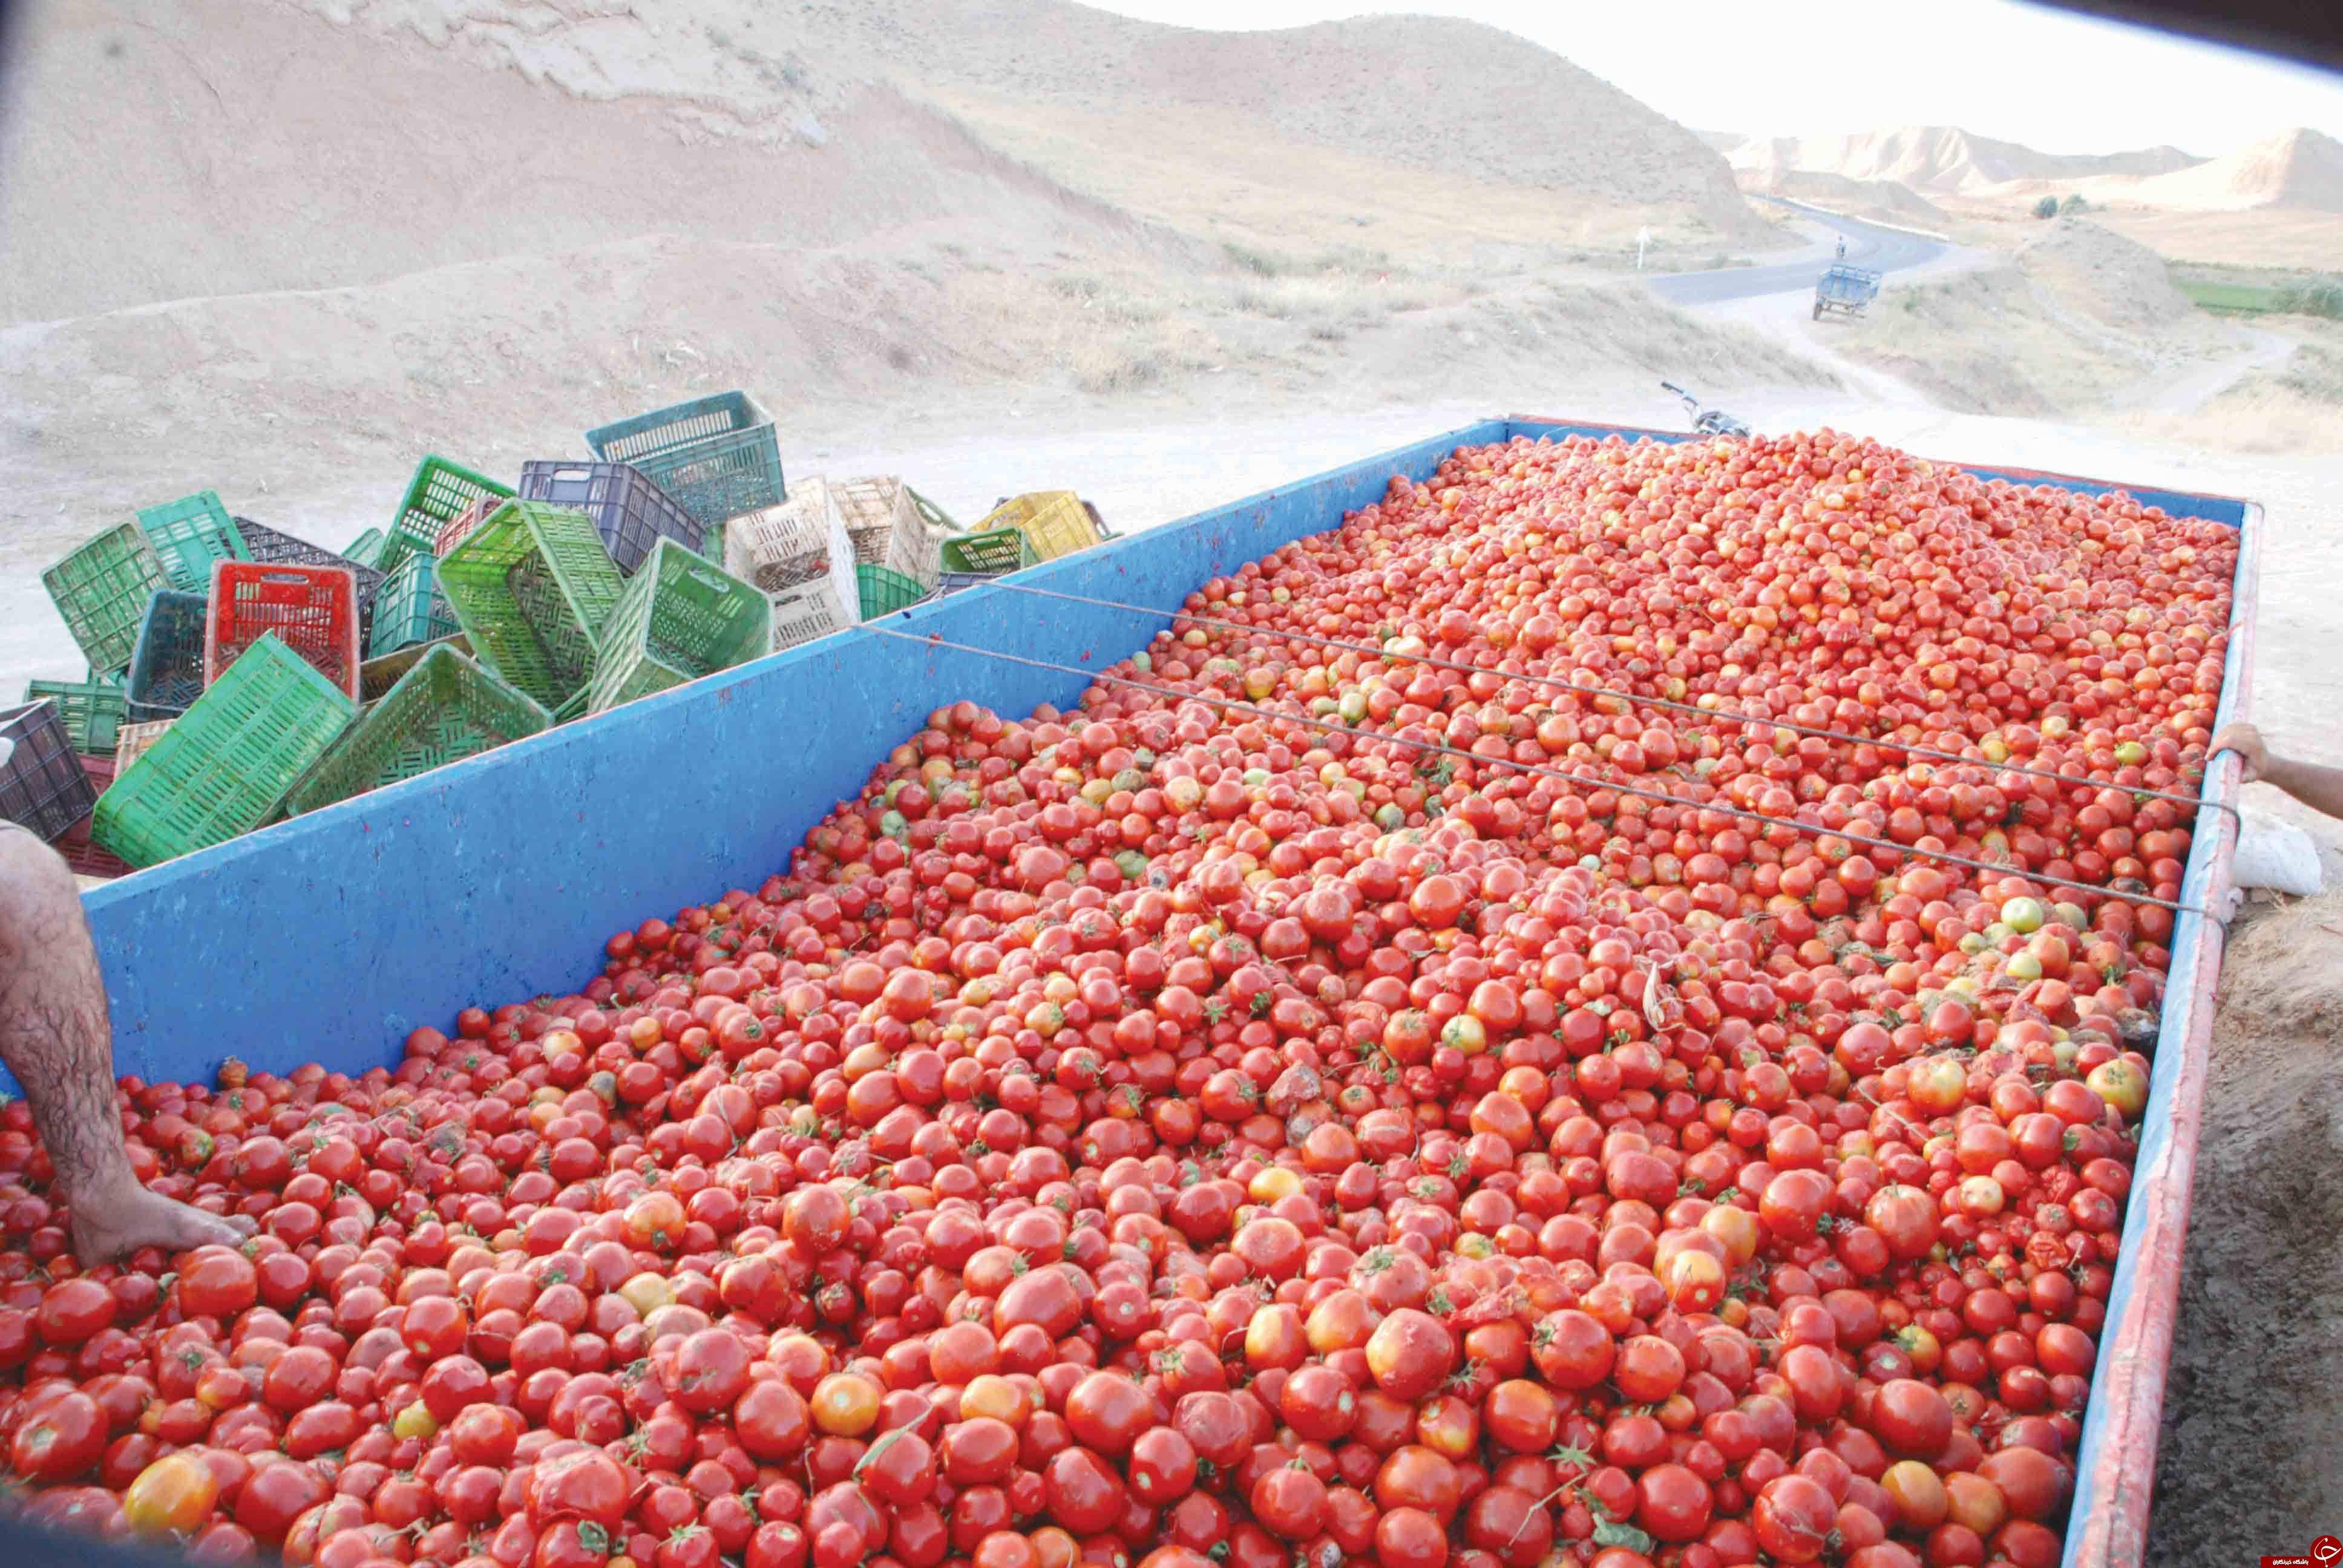 پیازهایی که اشک کشاورزان را در آورد / گوجه هایی که مفت هم نمی خرند